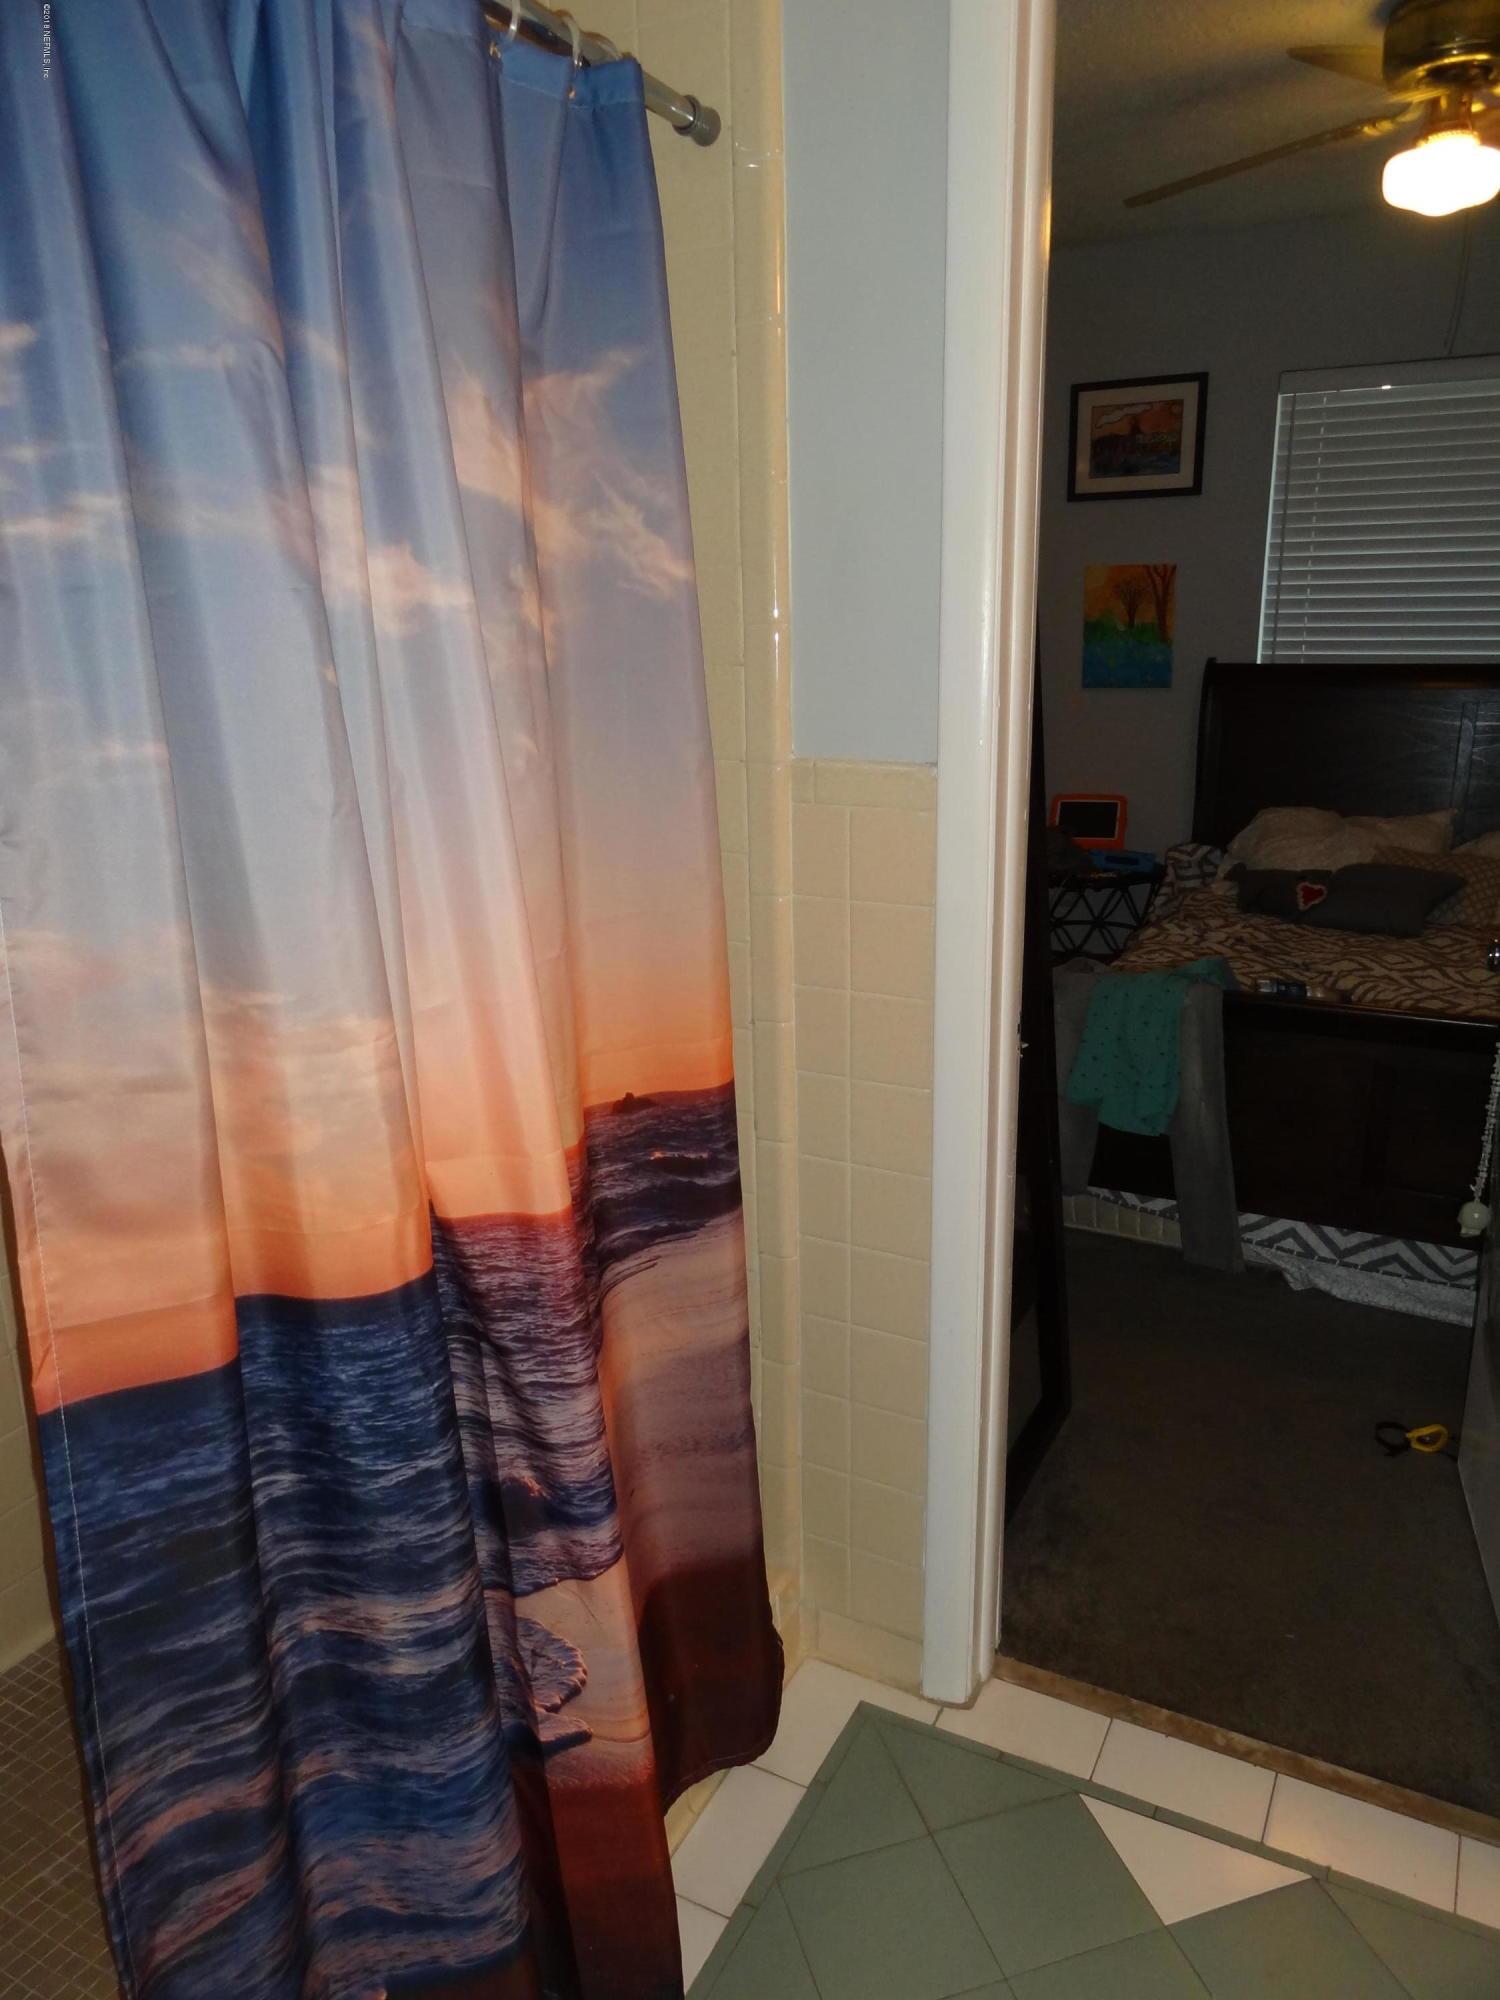 506 OCEAN FRONT, NEPTUNE BEACH, FLORIDA 32266, 4 Bedrooms Bedrooms, ,3 BathroomsBathrooms,Multi family,For sale,OCEAN FRONT,961728